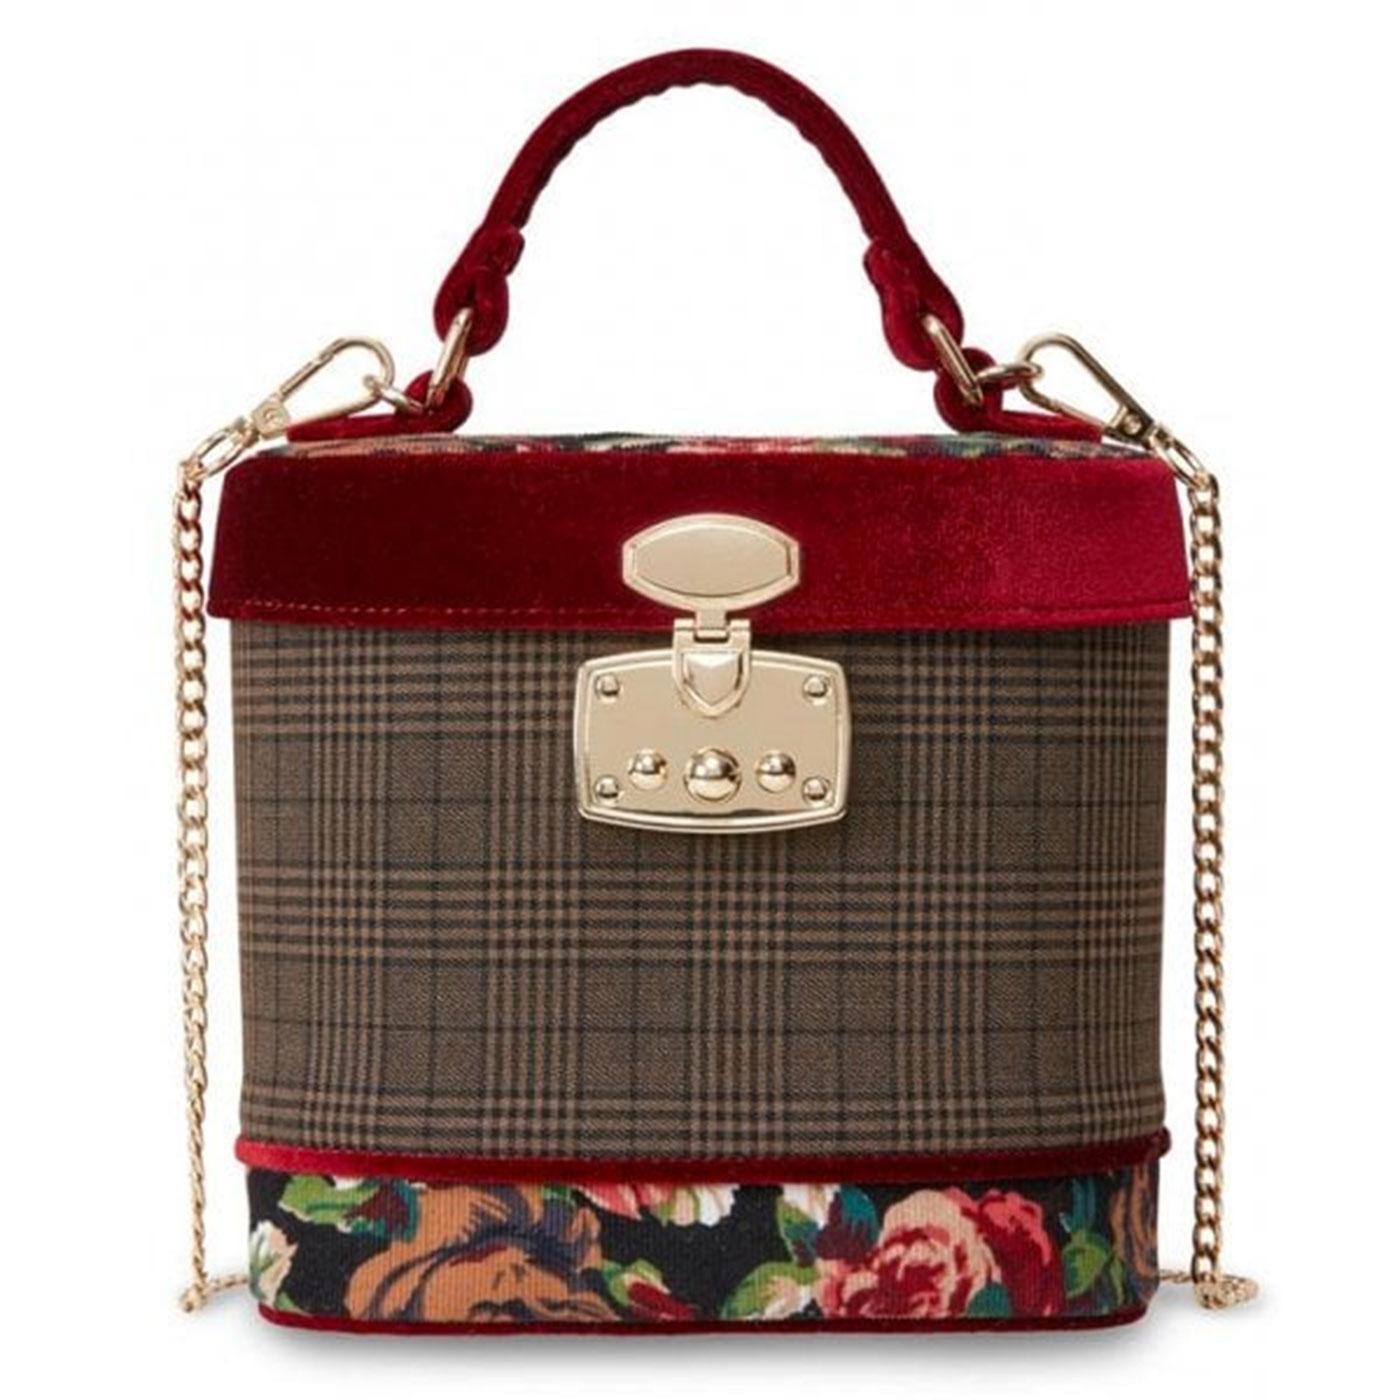 Ruby JOE BROWNS COUTURE Vintage Tweed Box Bag